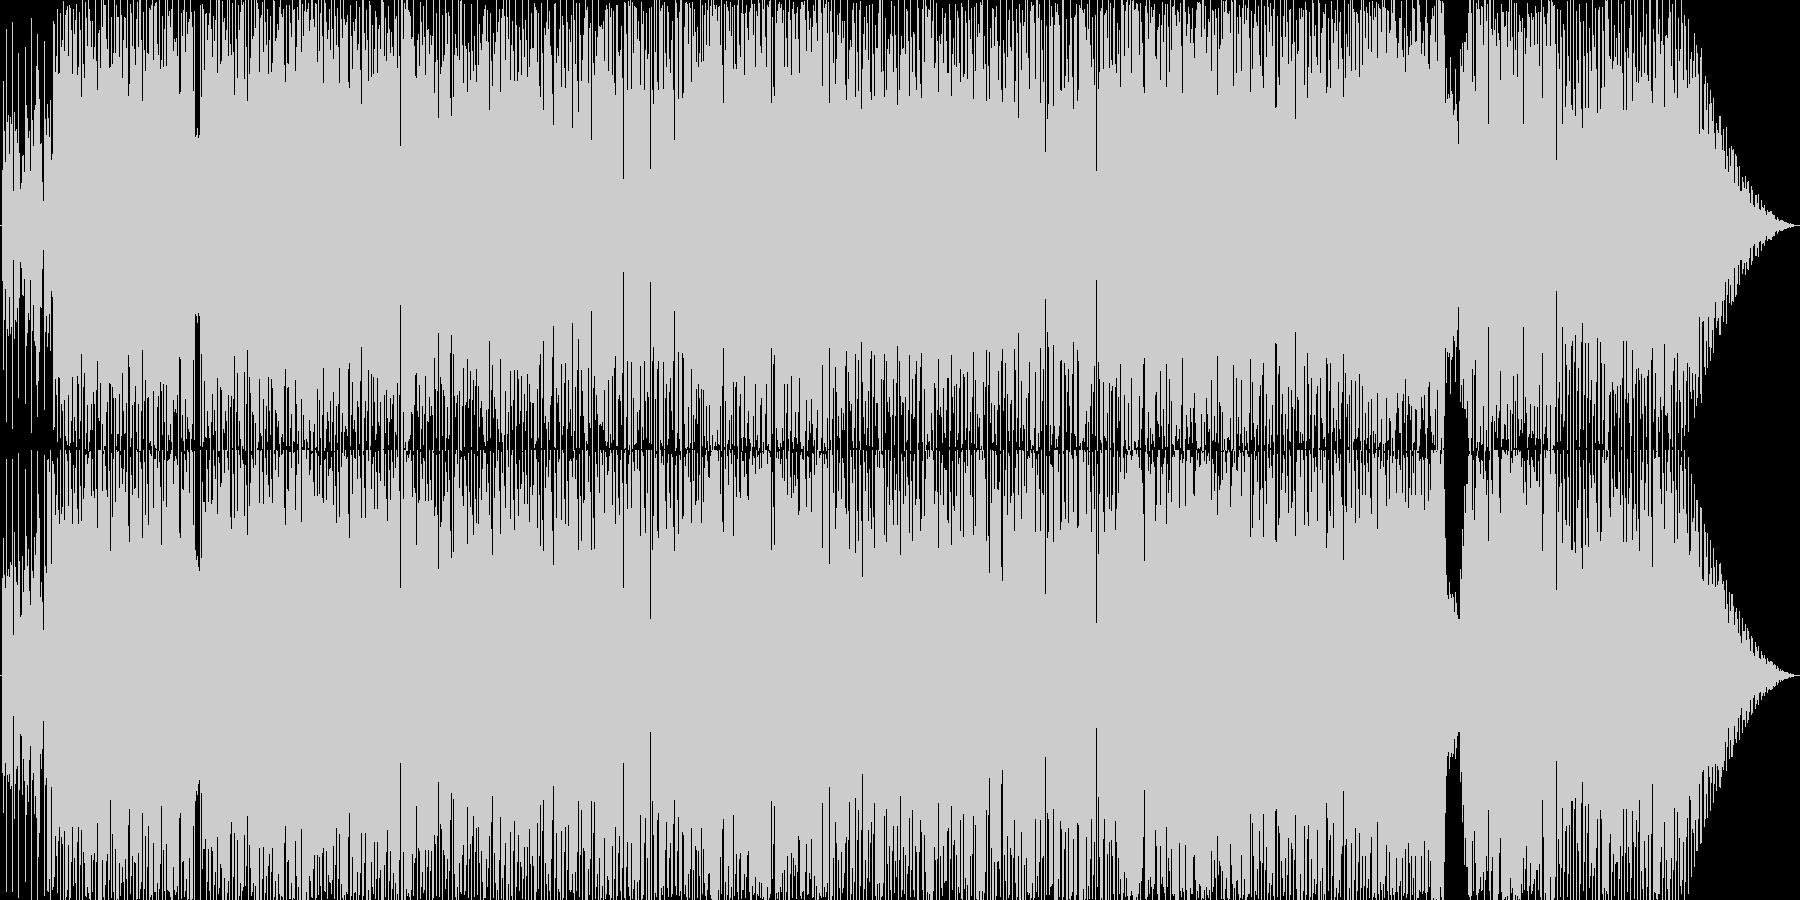 おしゃれでエキサイティングなファンクの未再生の波形